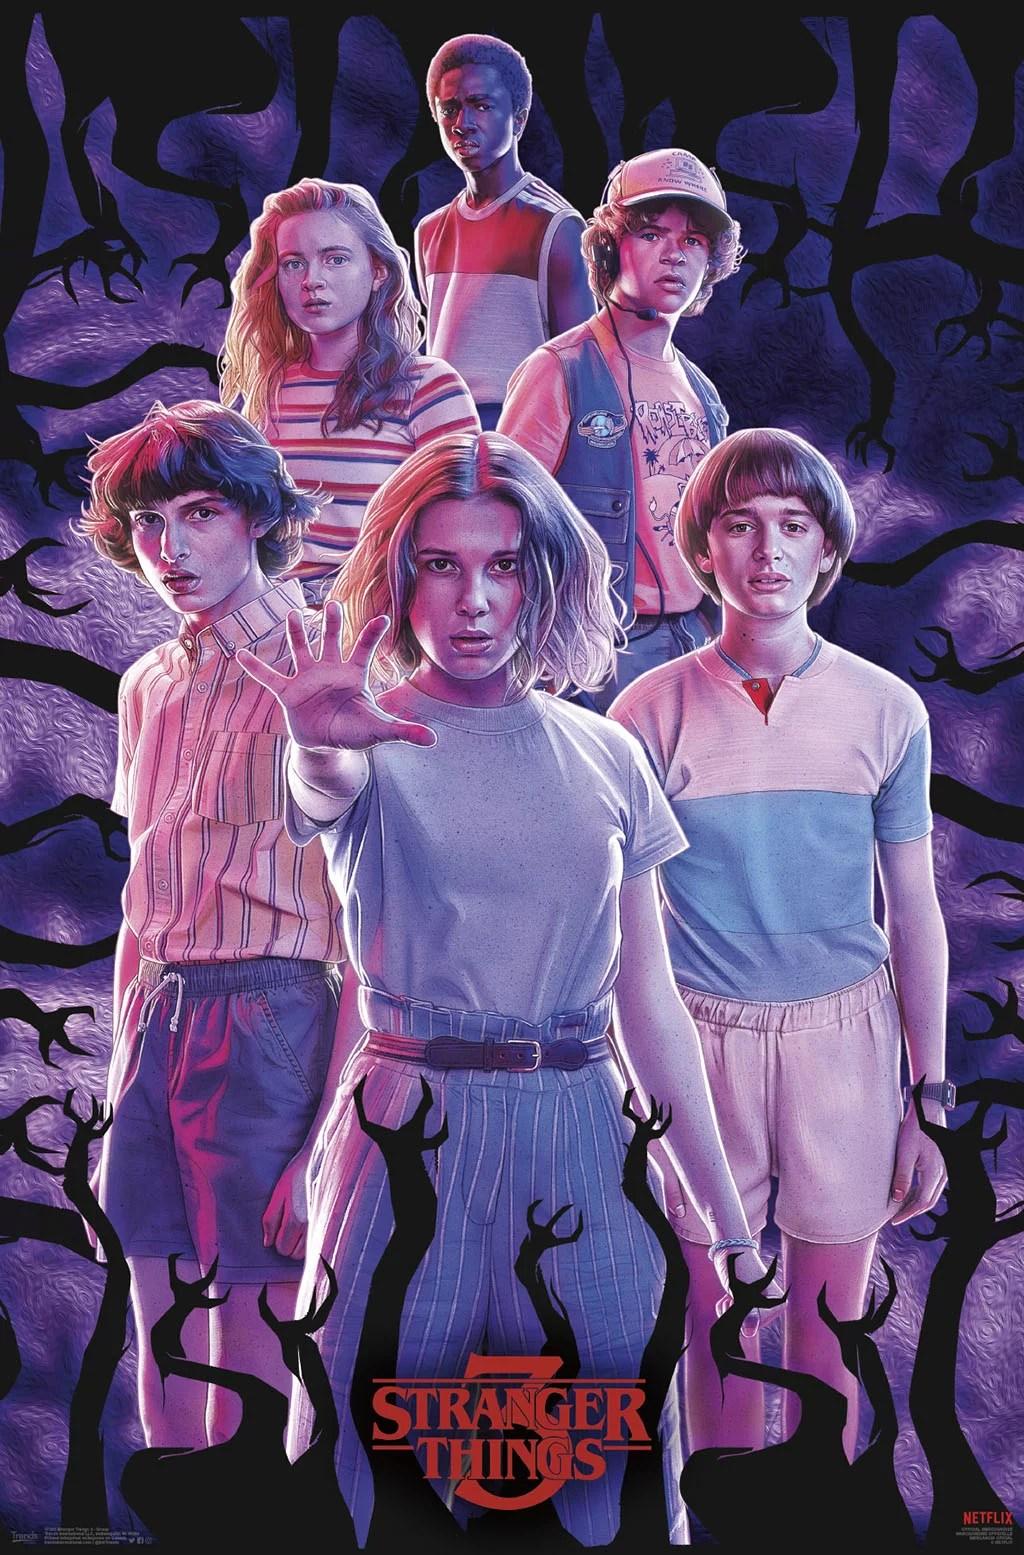 stranger things 3 group poster